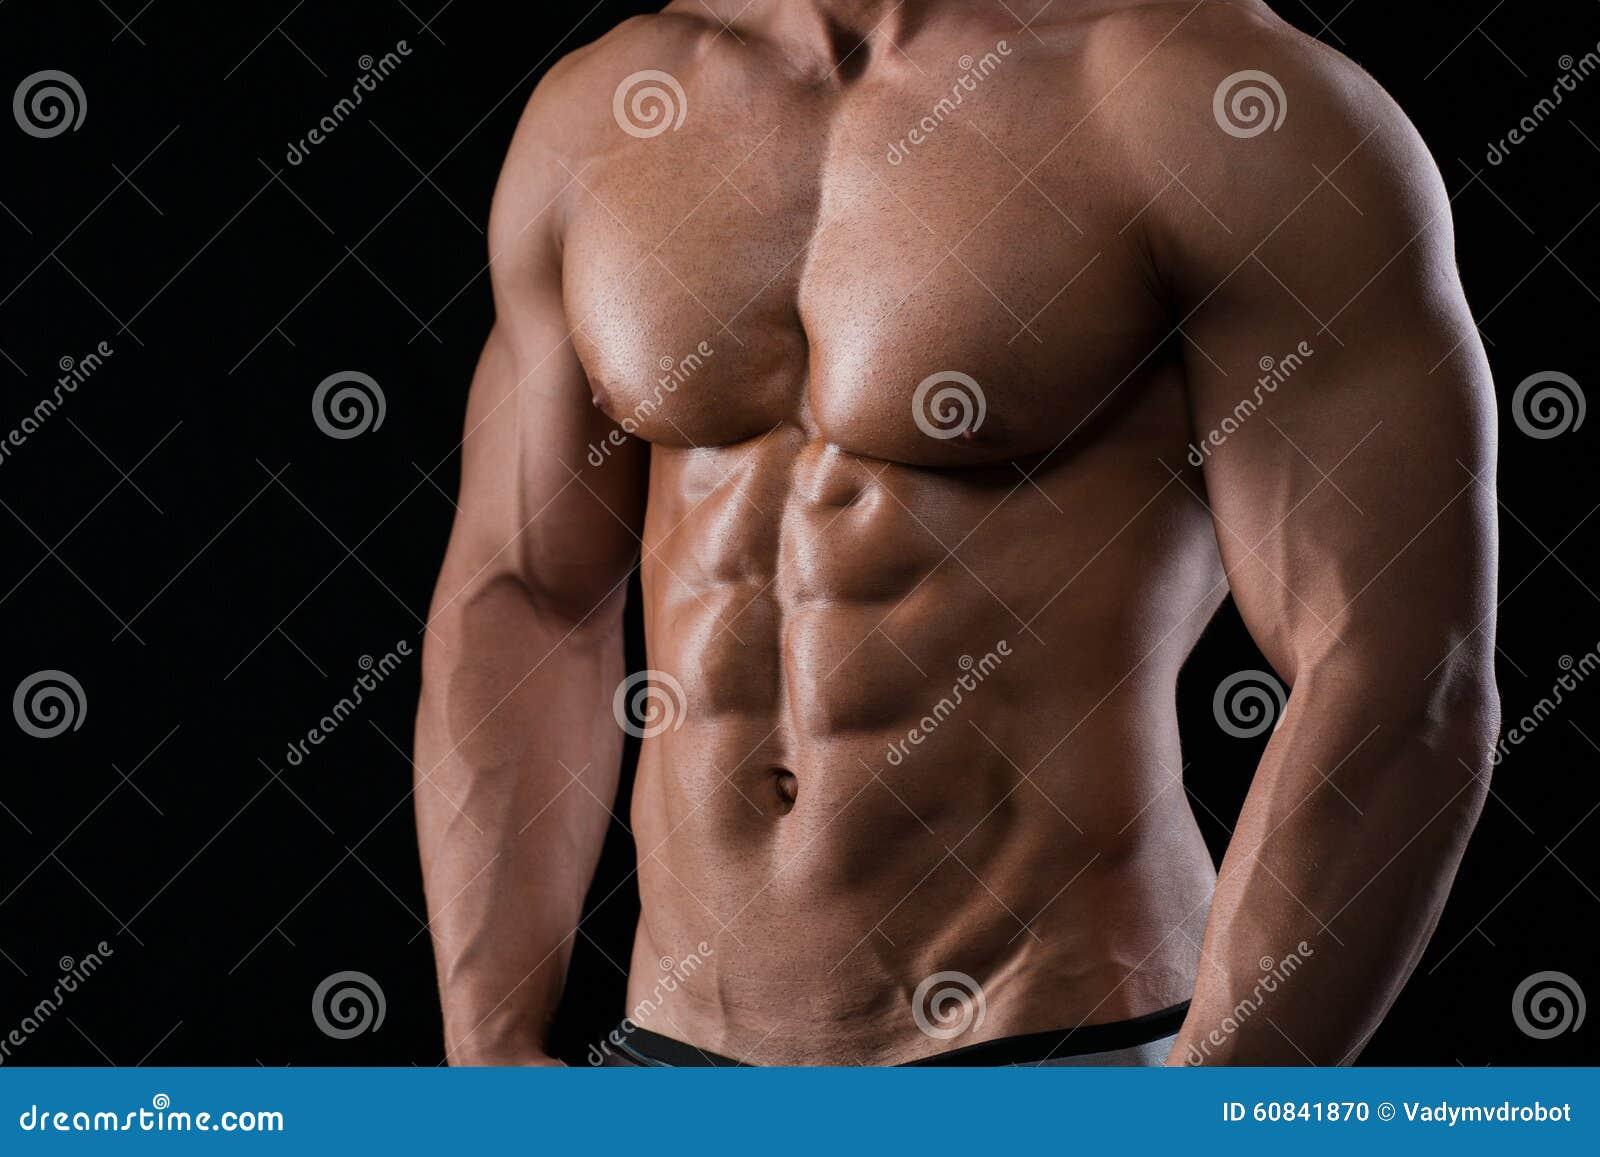 Nahaufnahmeporträt eines muskulösen männlichen Kastens